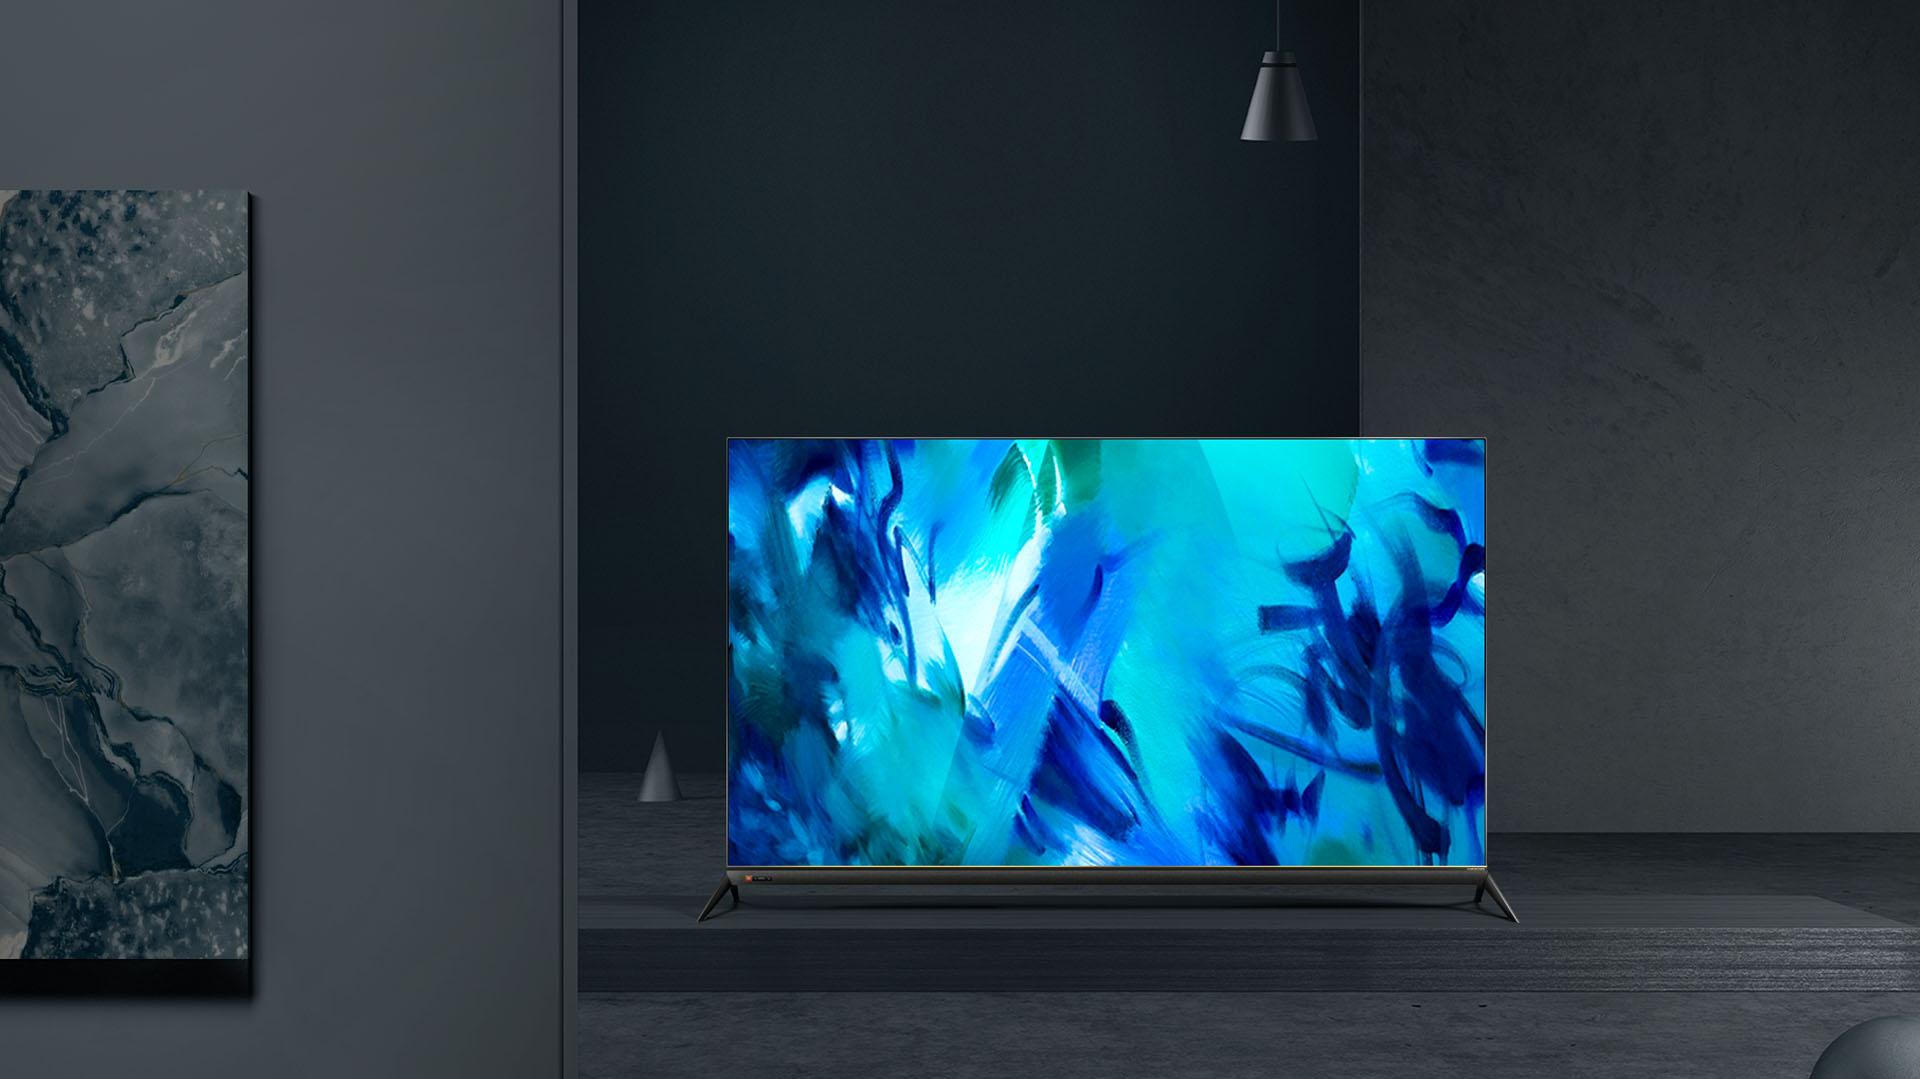 酷开55A3防蓝光教育电视